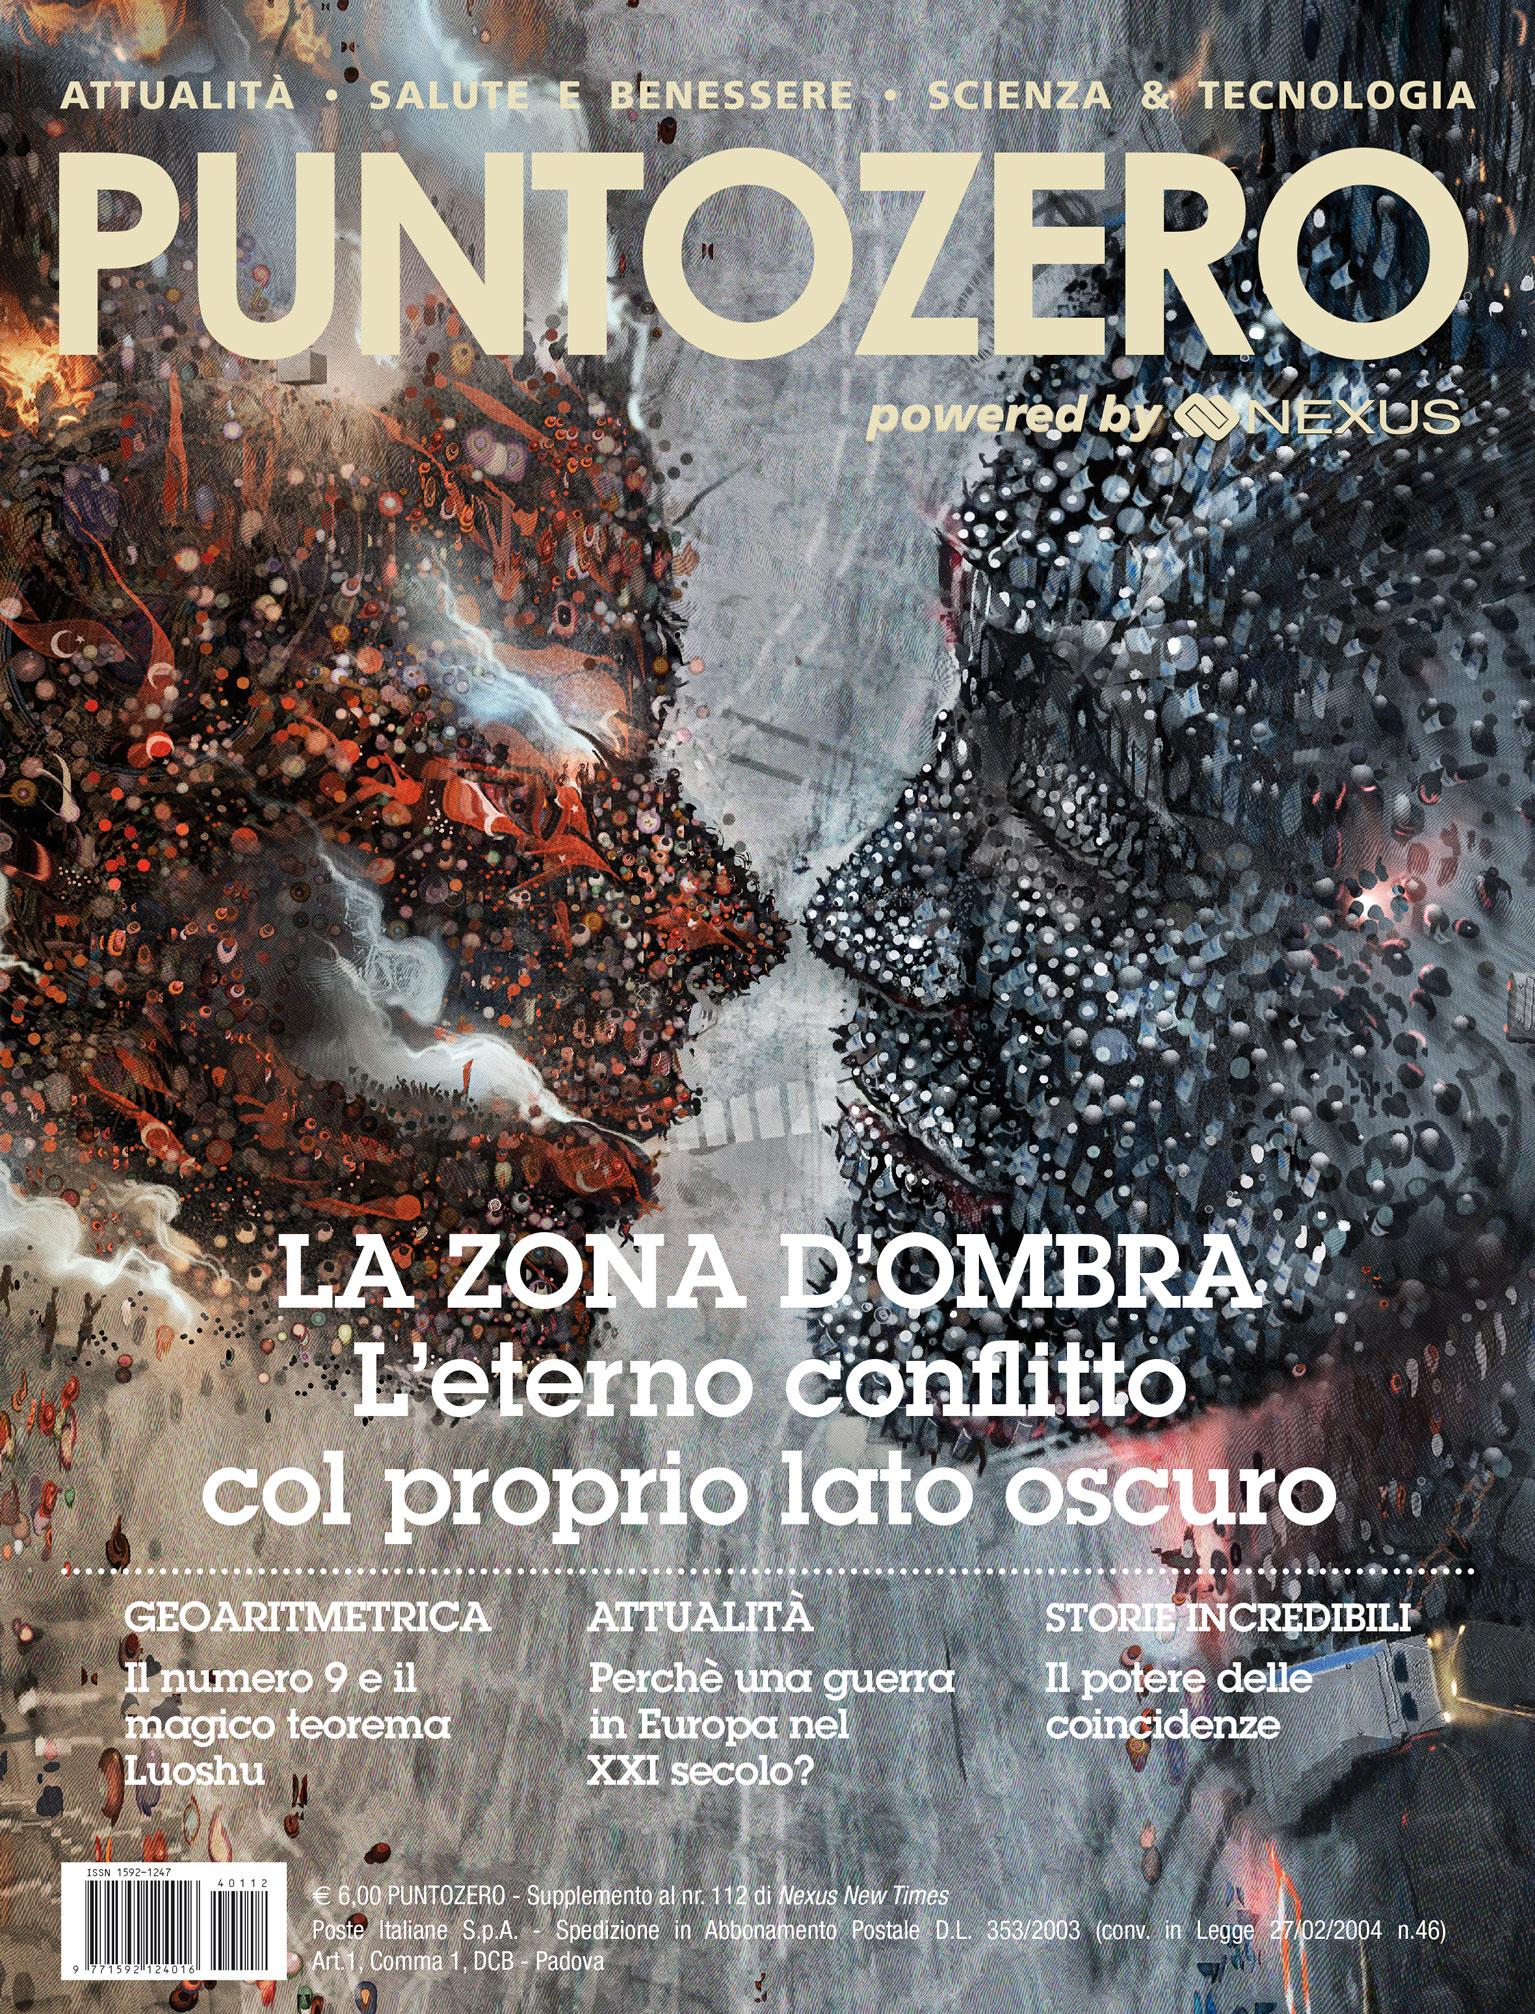 PuntoZero nr. 9-0